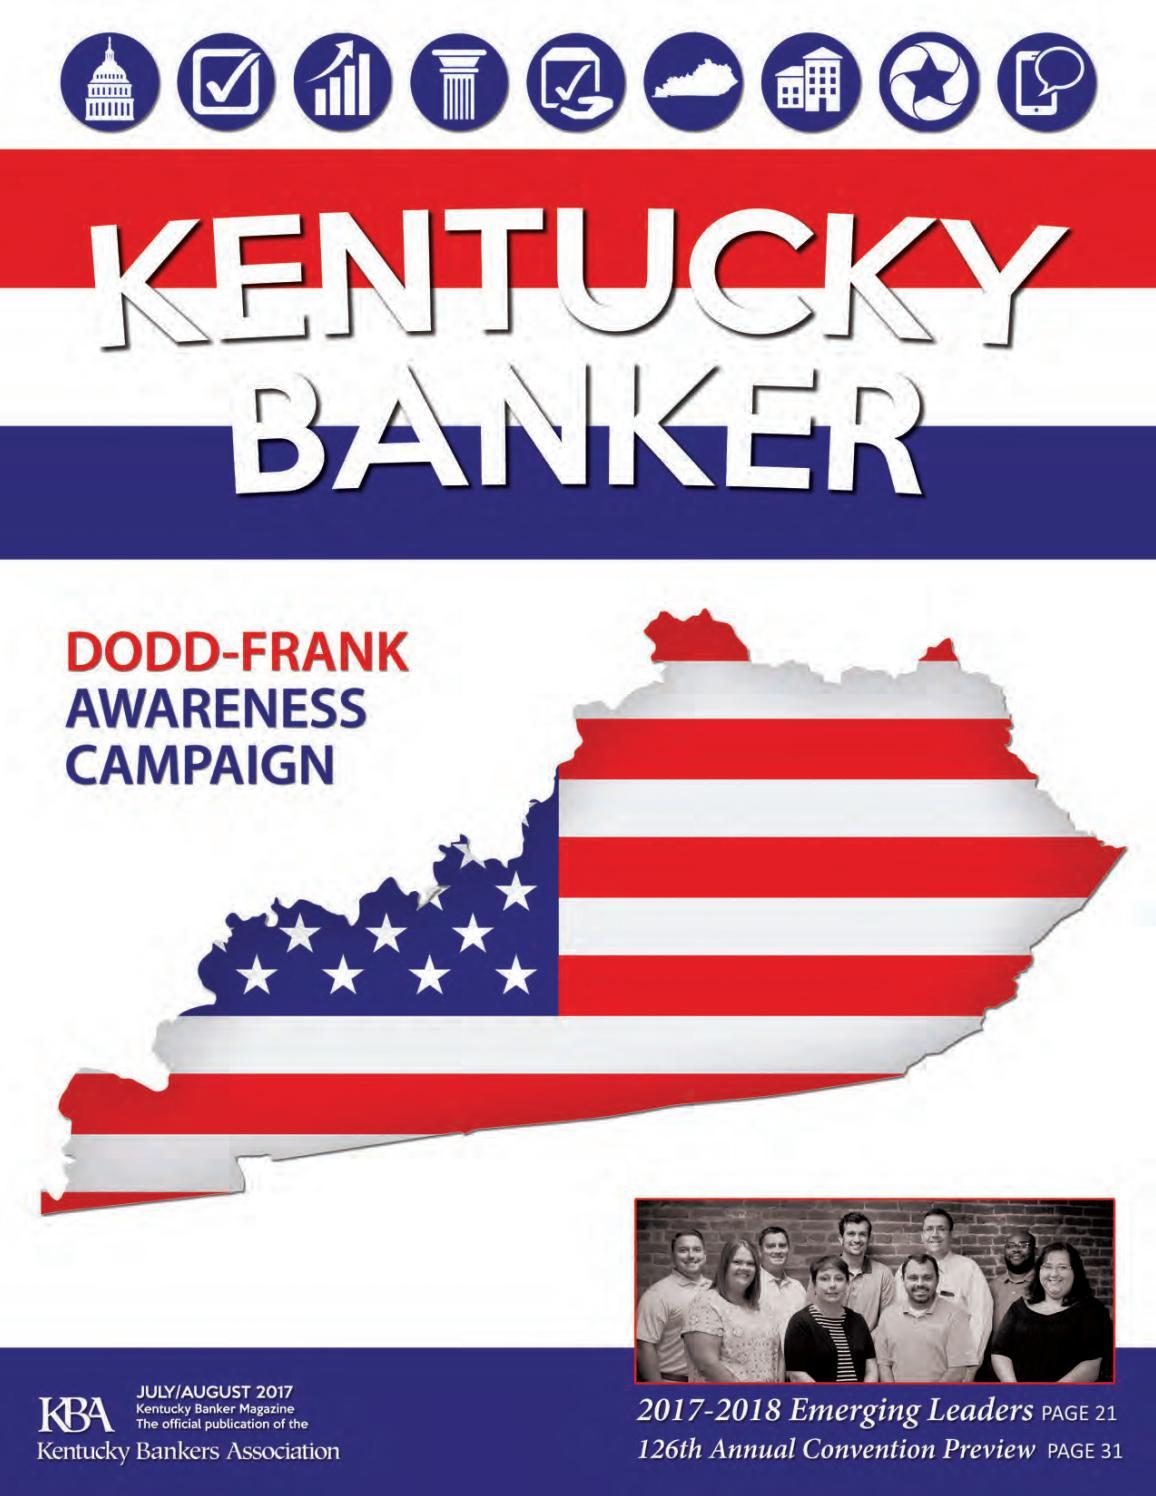 Kentuckybankermagazine julaug2017 by kentucky bankers association kentuckybankermagazine julaug2017 by kentucky bankers association issuu biocorpaavc